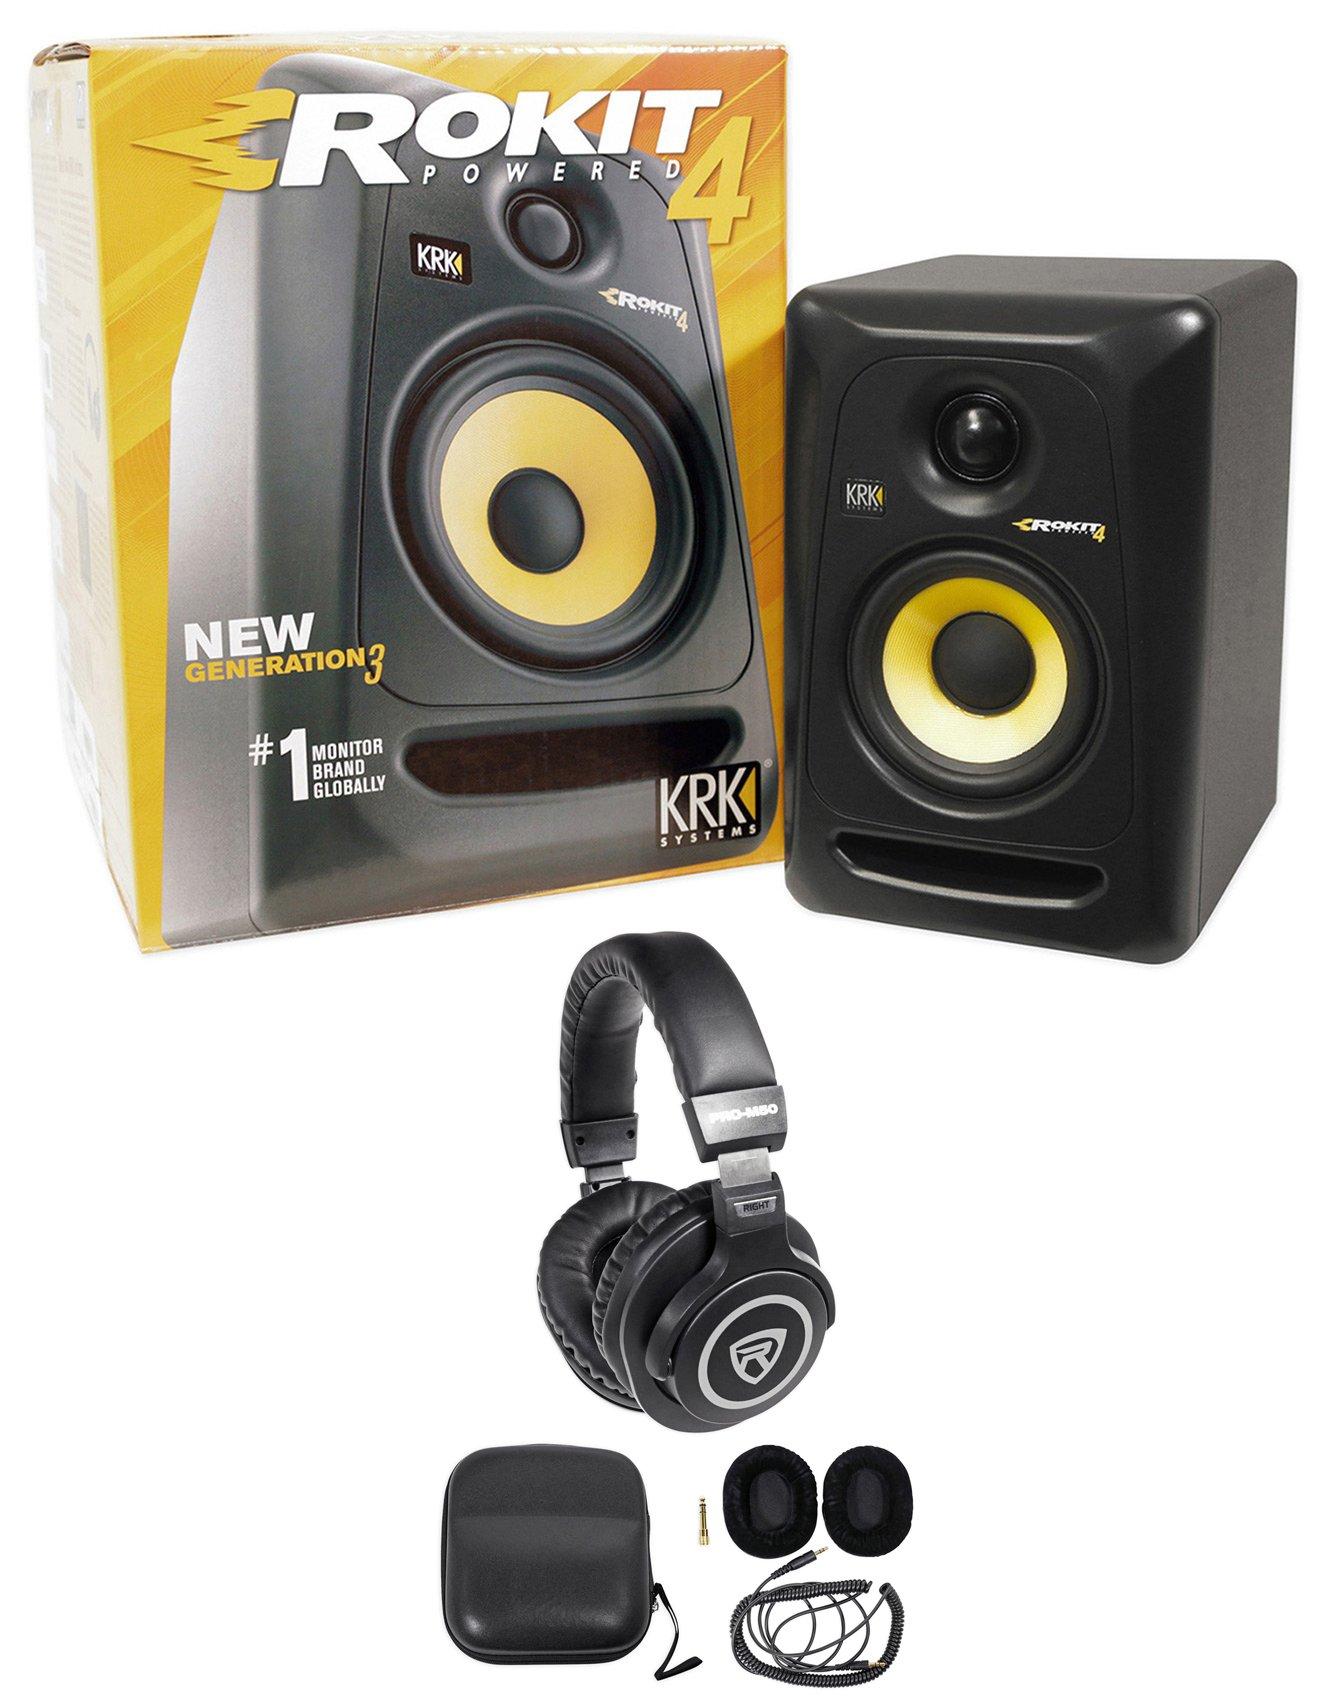 KRK RP4G3 RP4-G3 Rokit Powered 4'' Studio Monitor Active Speaker + Headphones